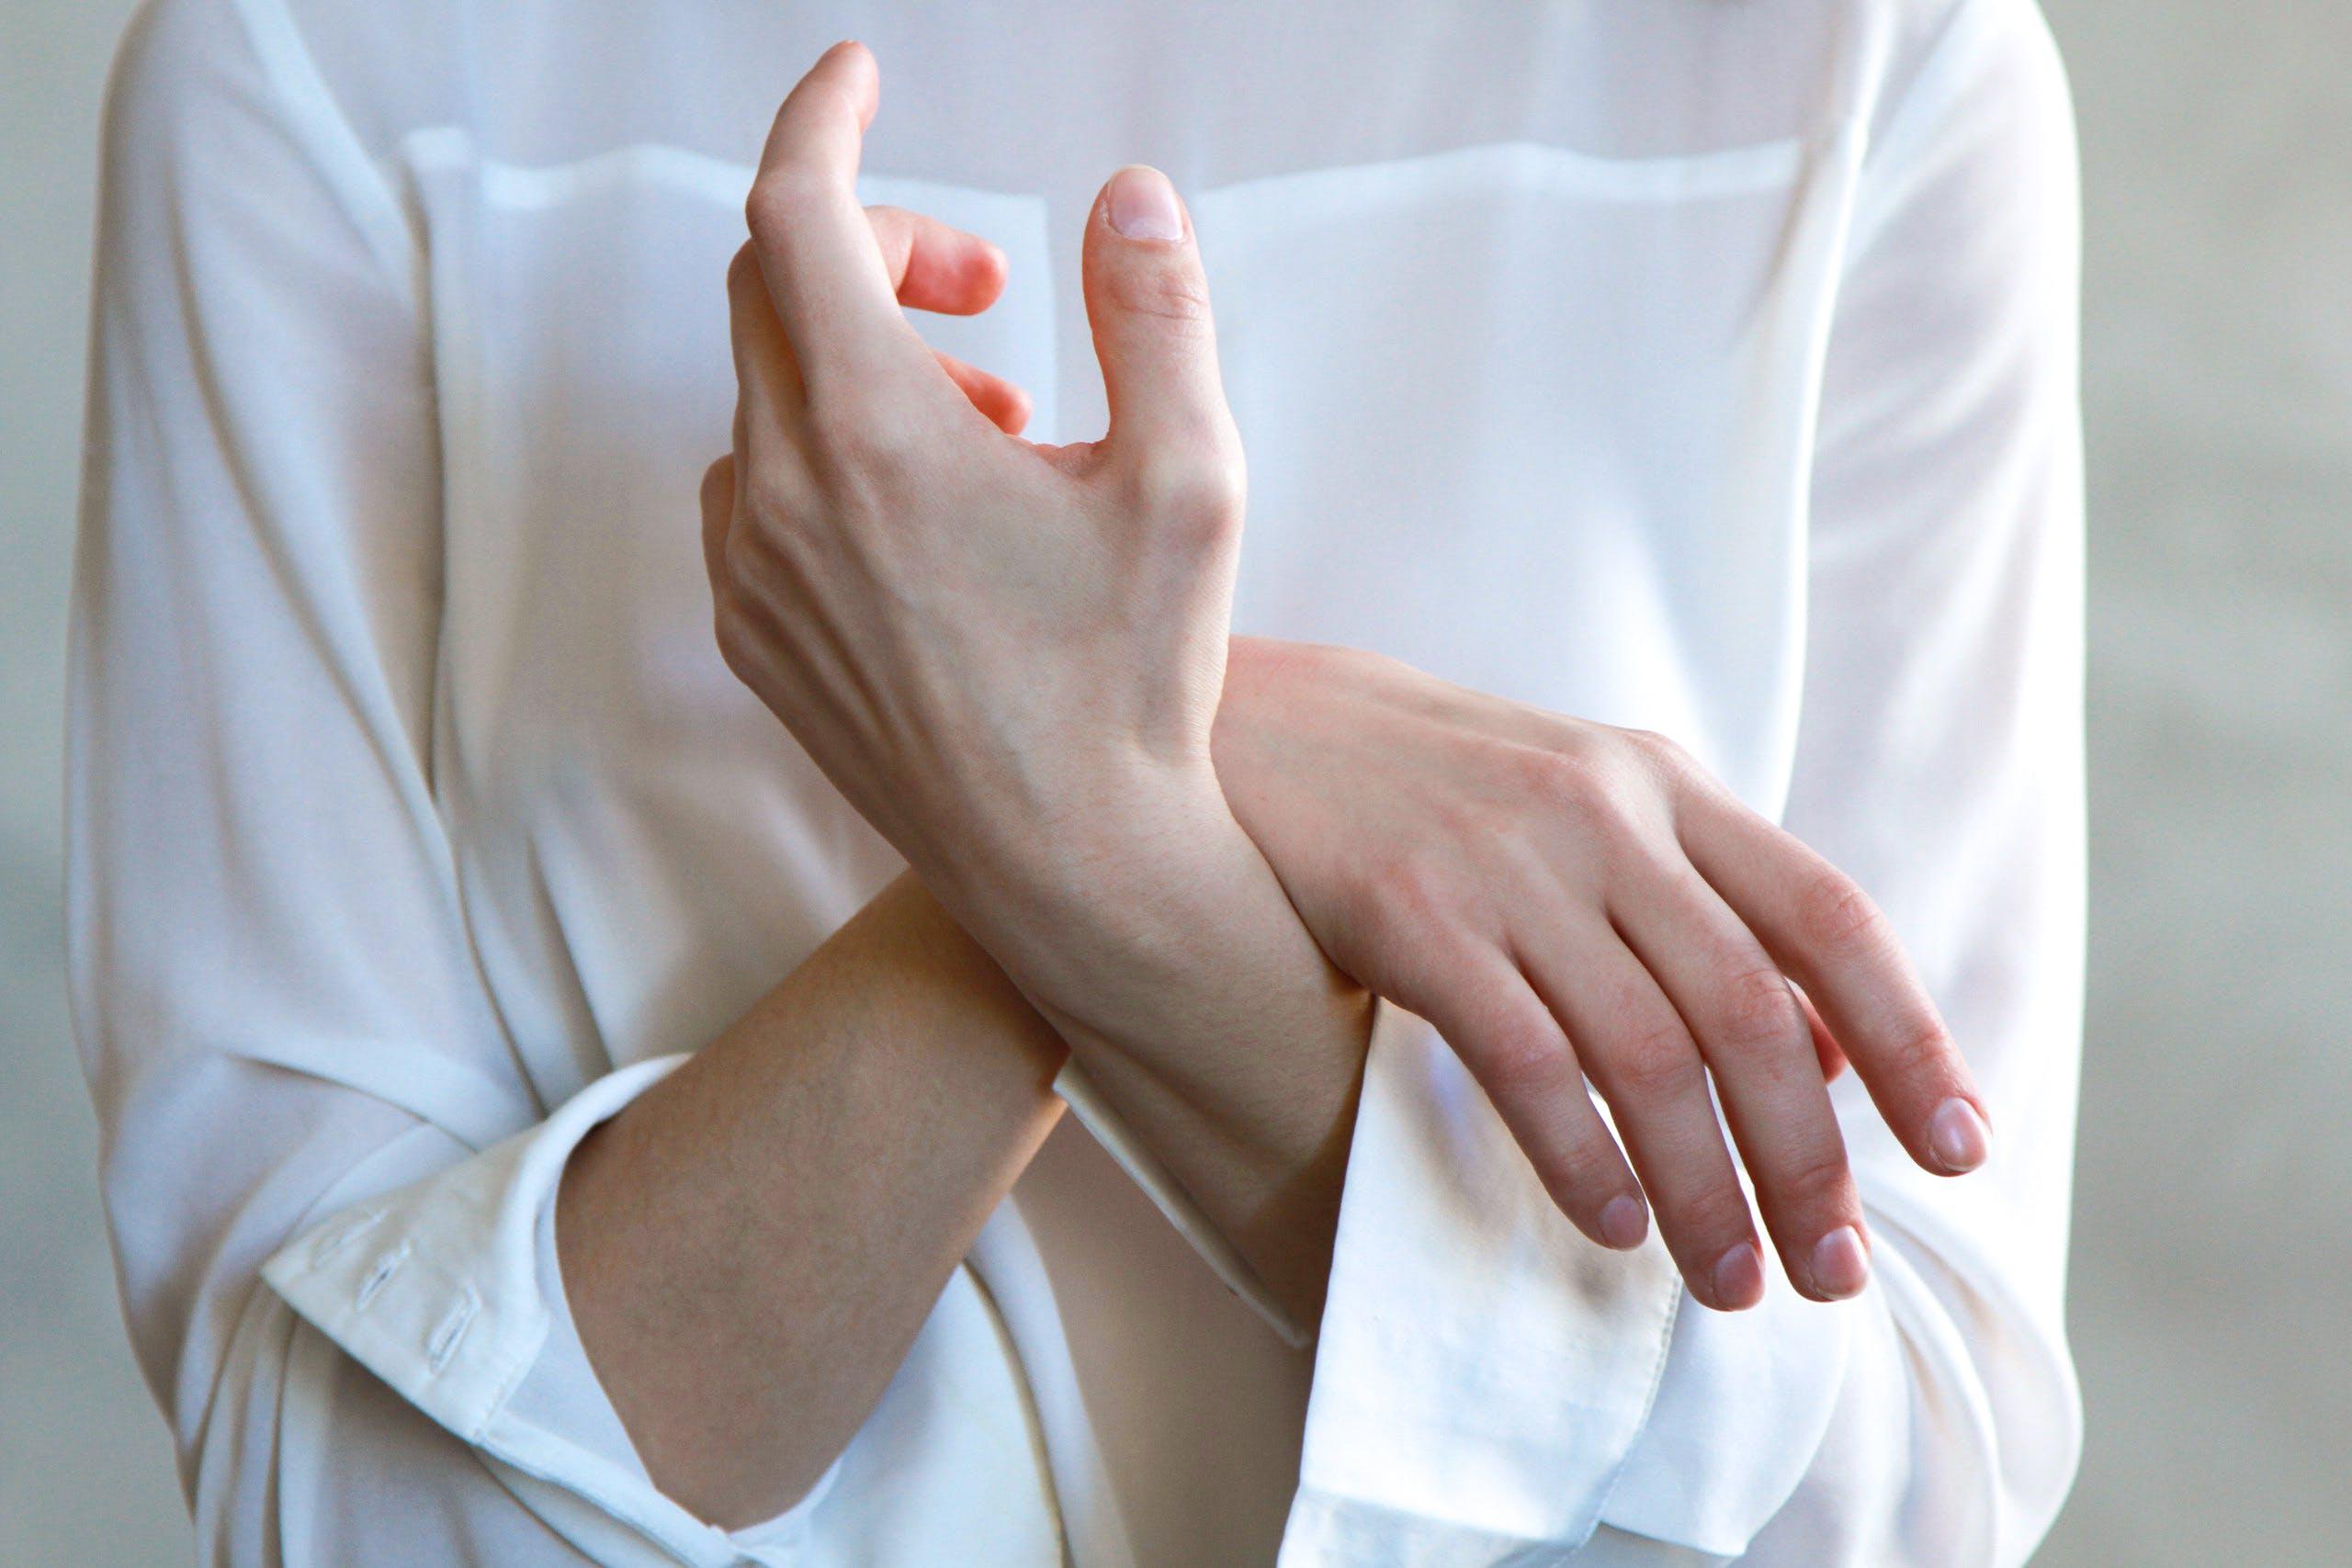 Women's White Long-sleeved Top